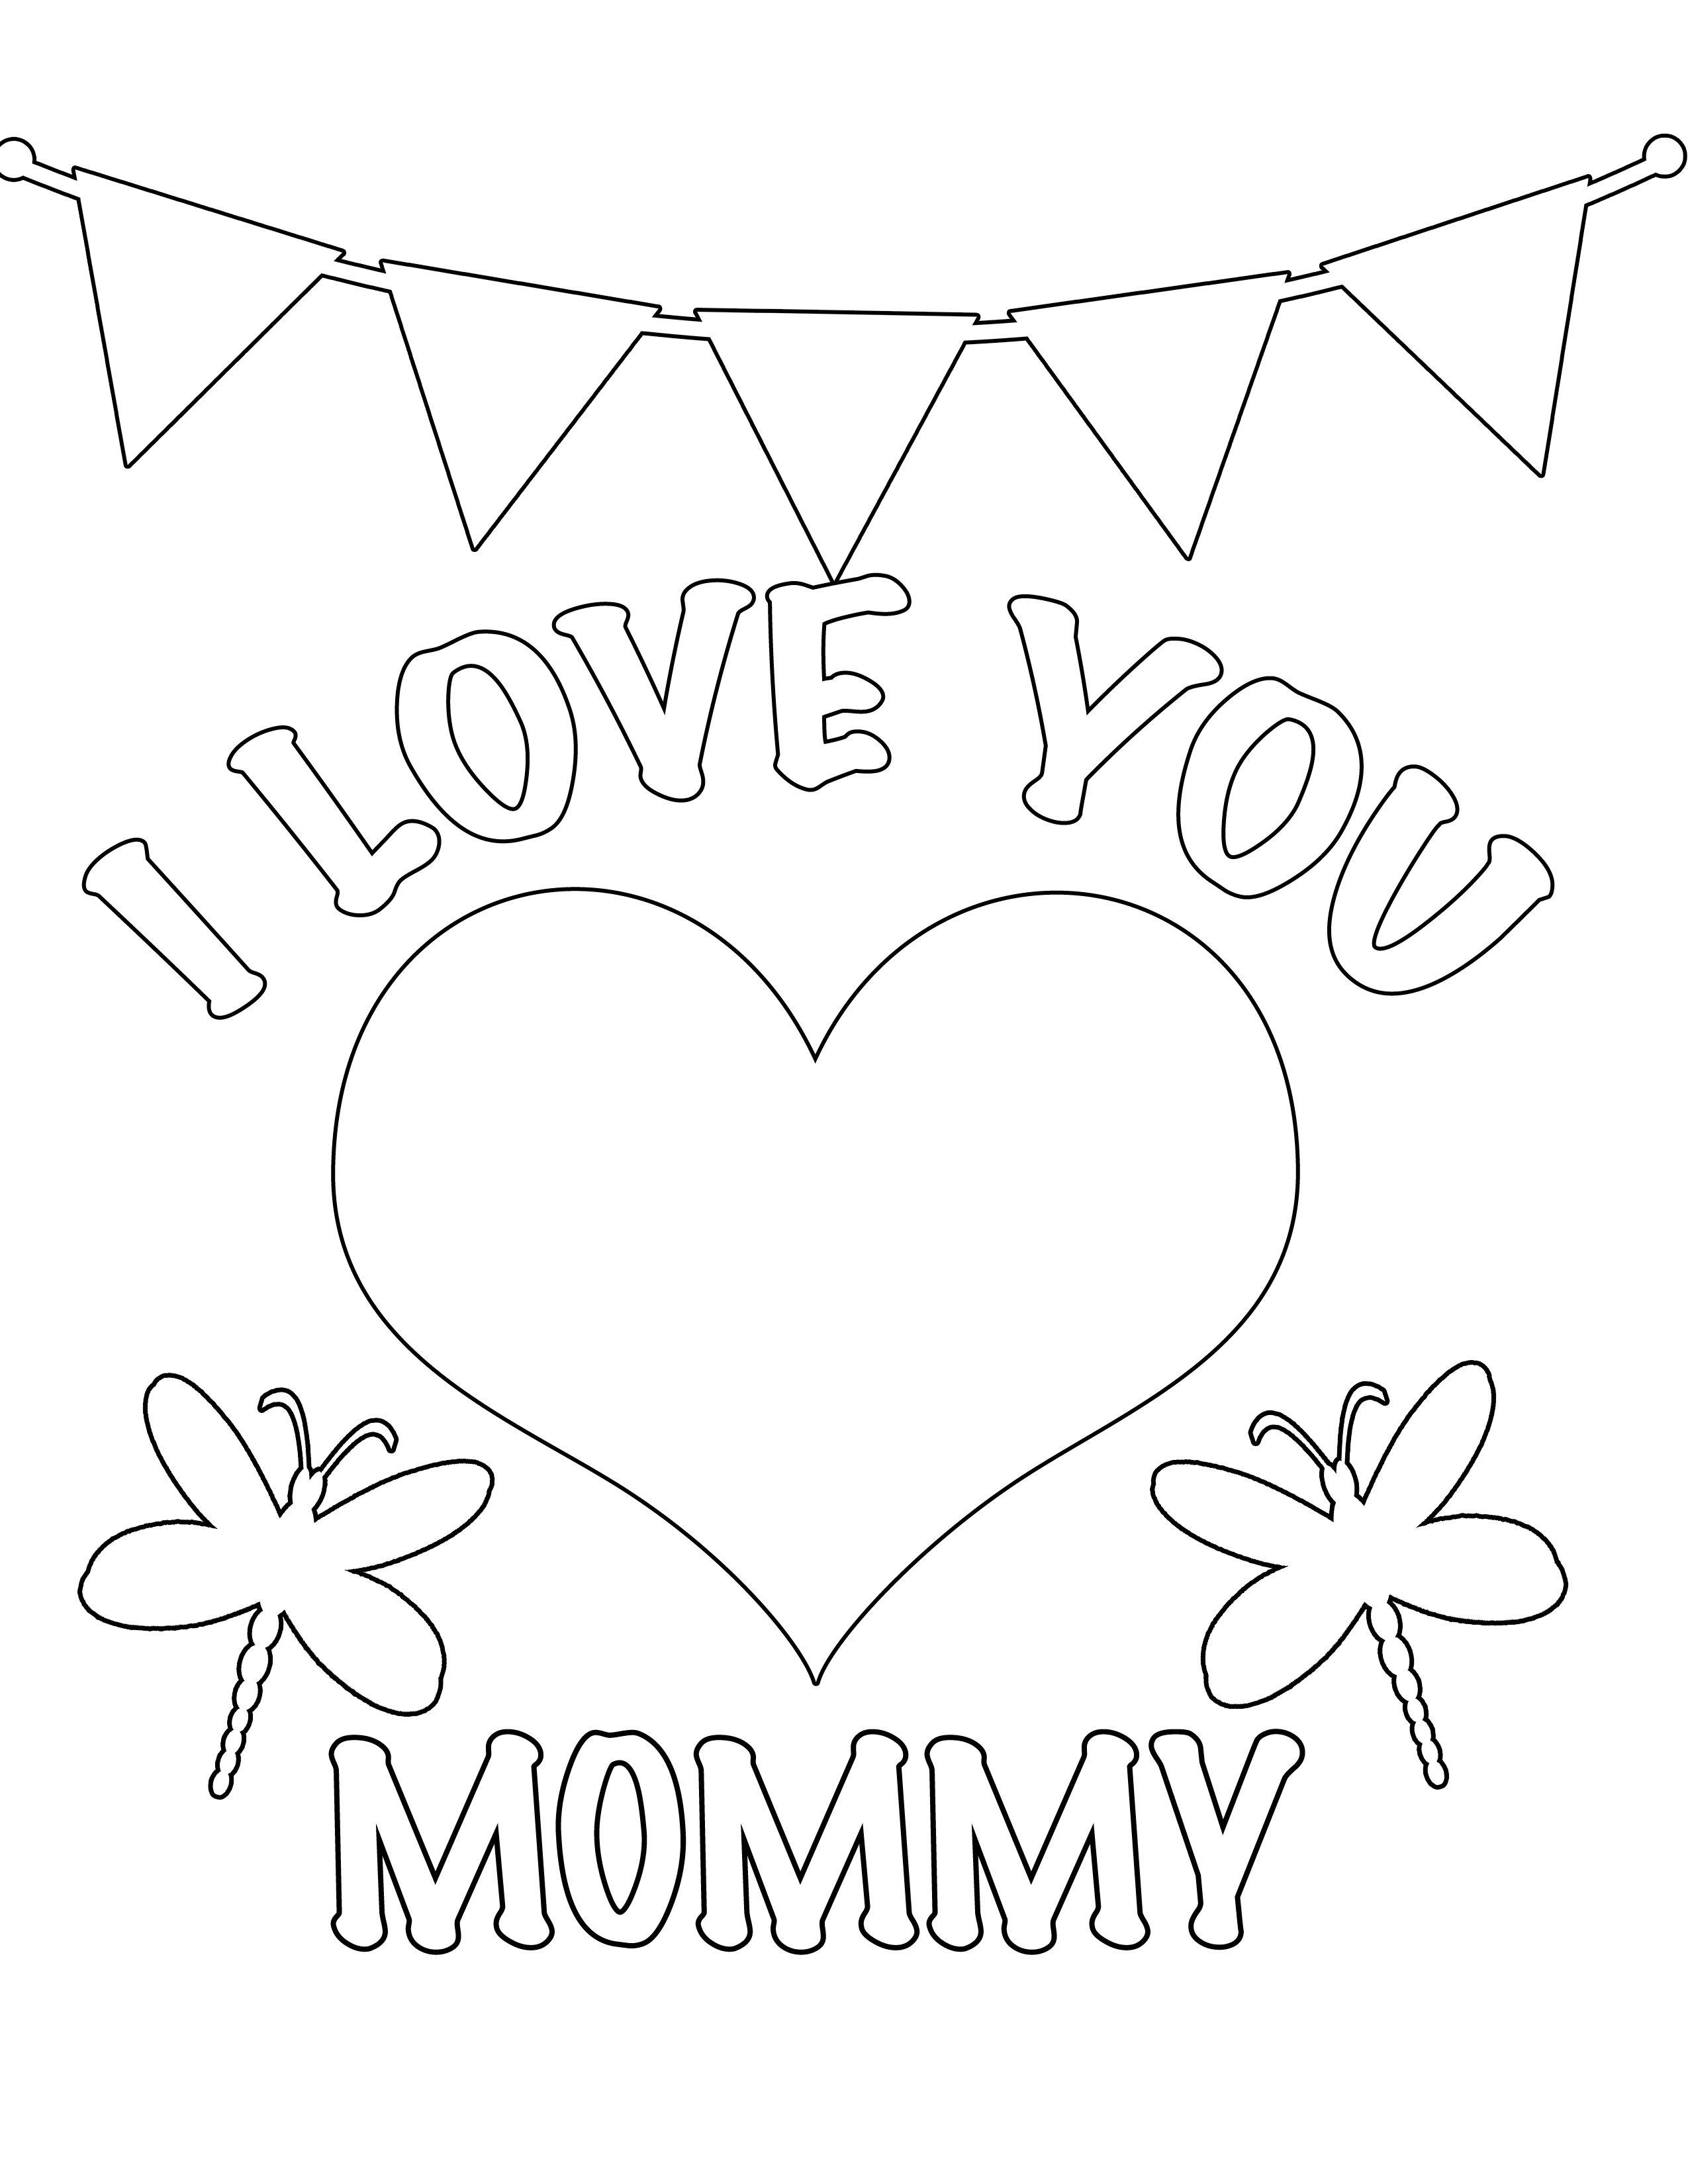 Mummy Free Printable Worksheet